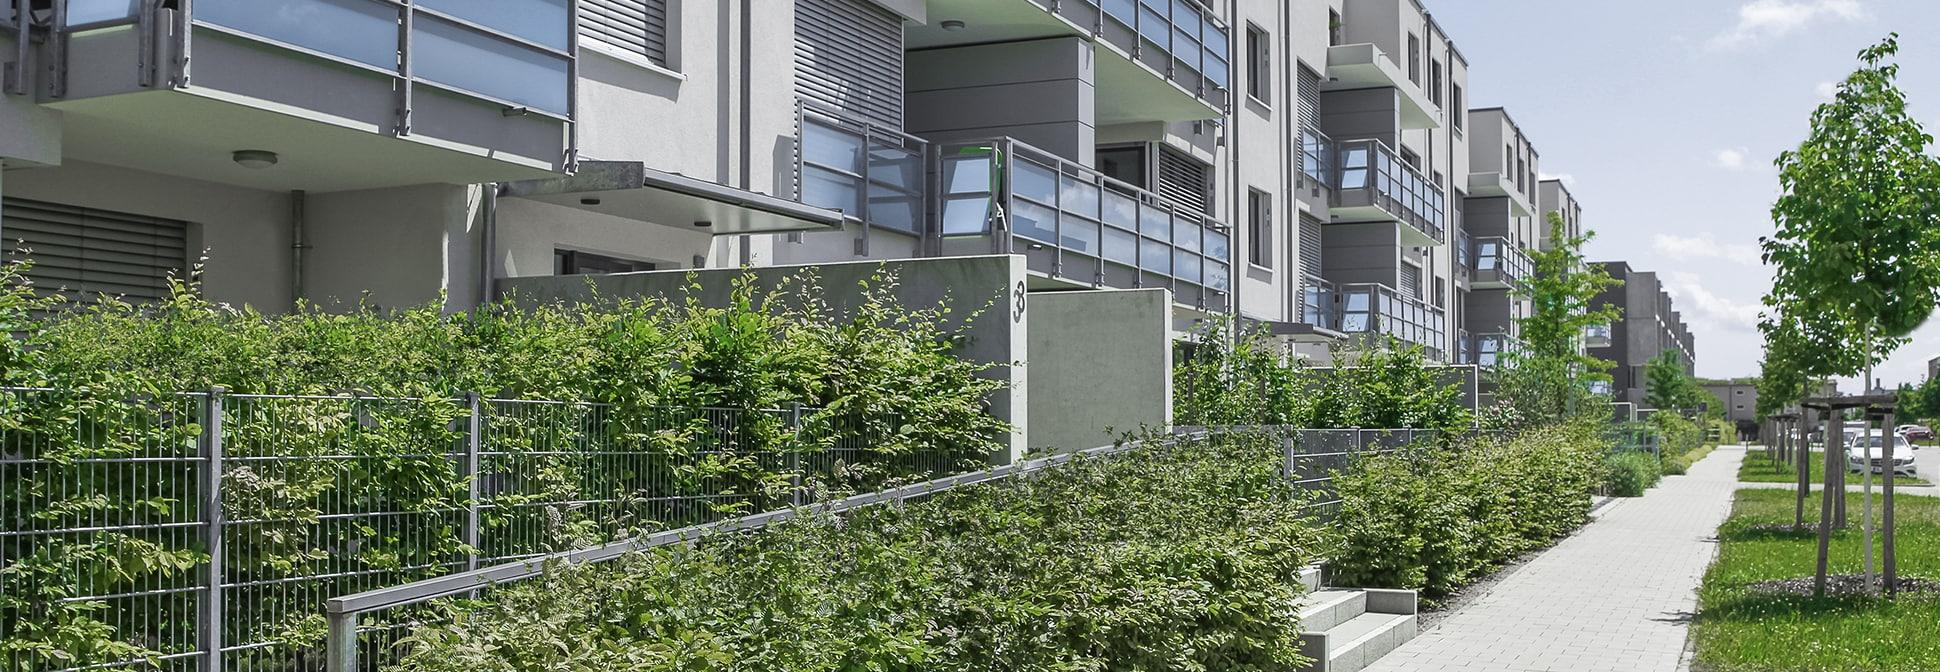 Wohnbebauung Tiedtke, Röthelheimpark, Erlangen